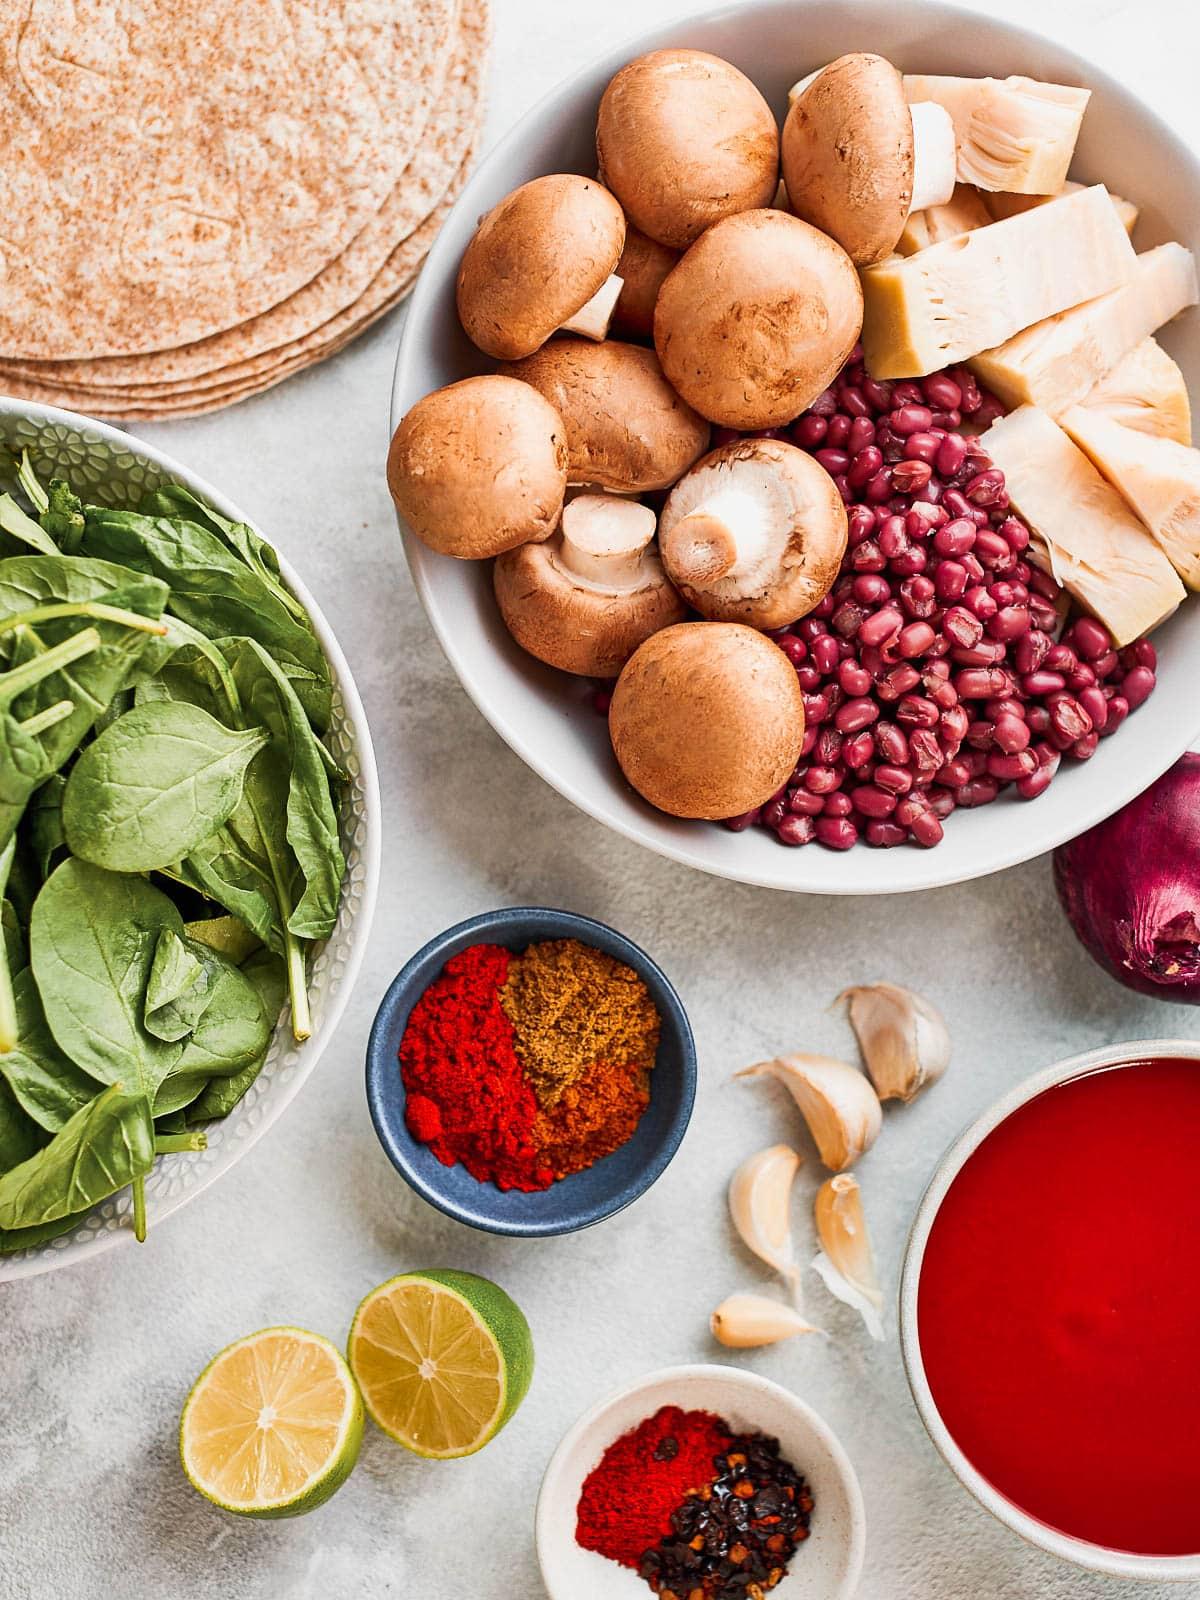 Ingredients for vegan jackfruit enchiladas